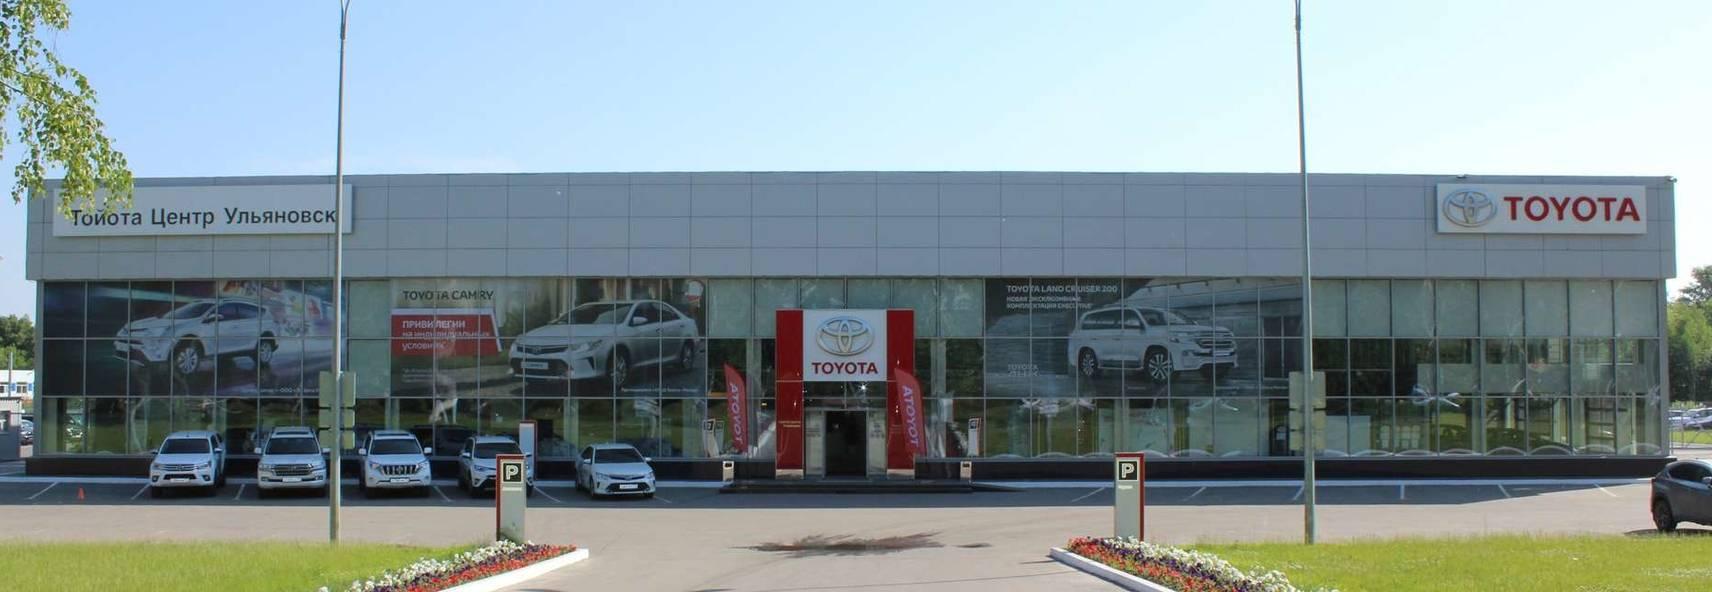 Тойота Центр Ульяновск